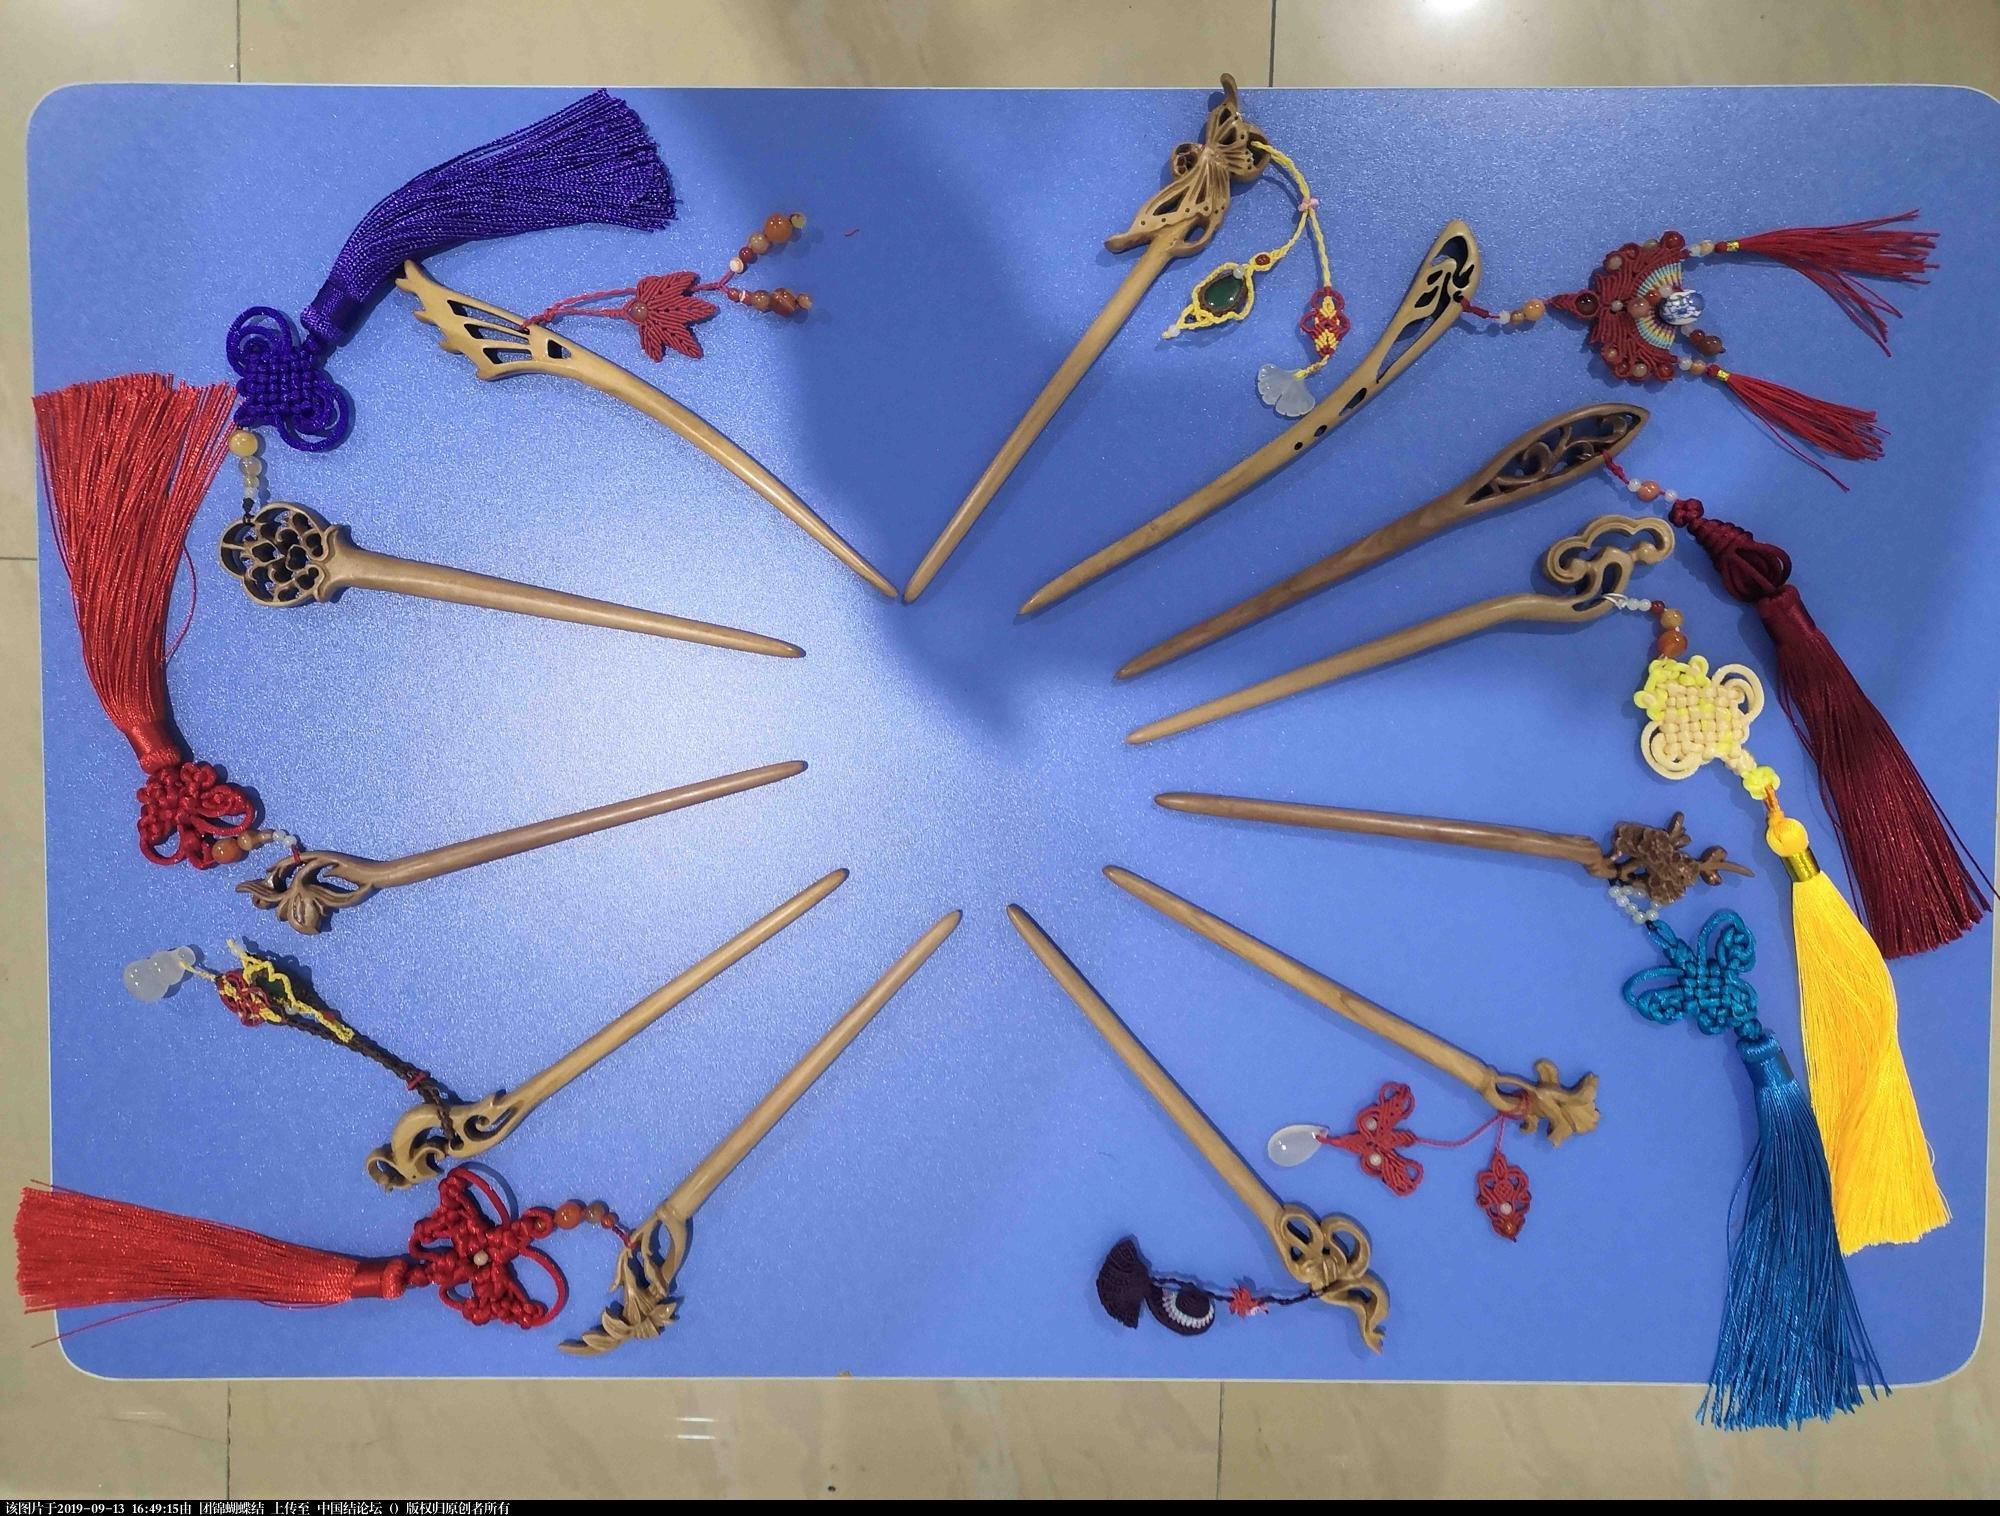 中国结论坛 最近仿的簪子 簪子大全,簪子分类,做簪子的教程,金簪子,发簪 作品展示 164820pq222peqhp5pfjfz